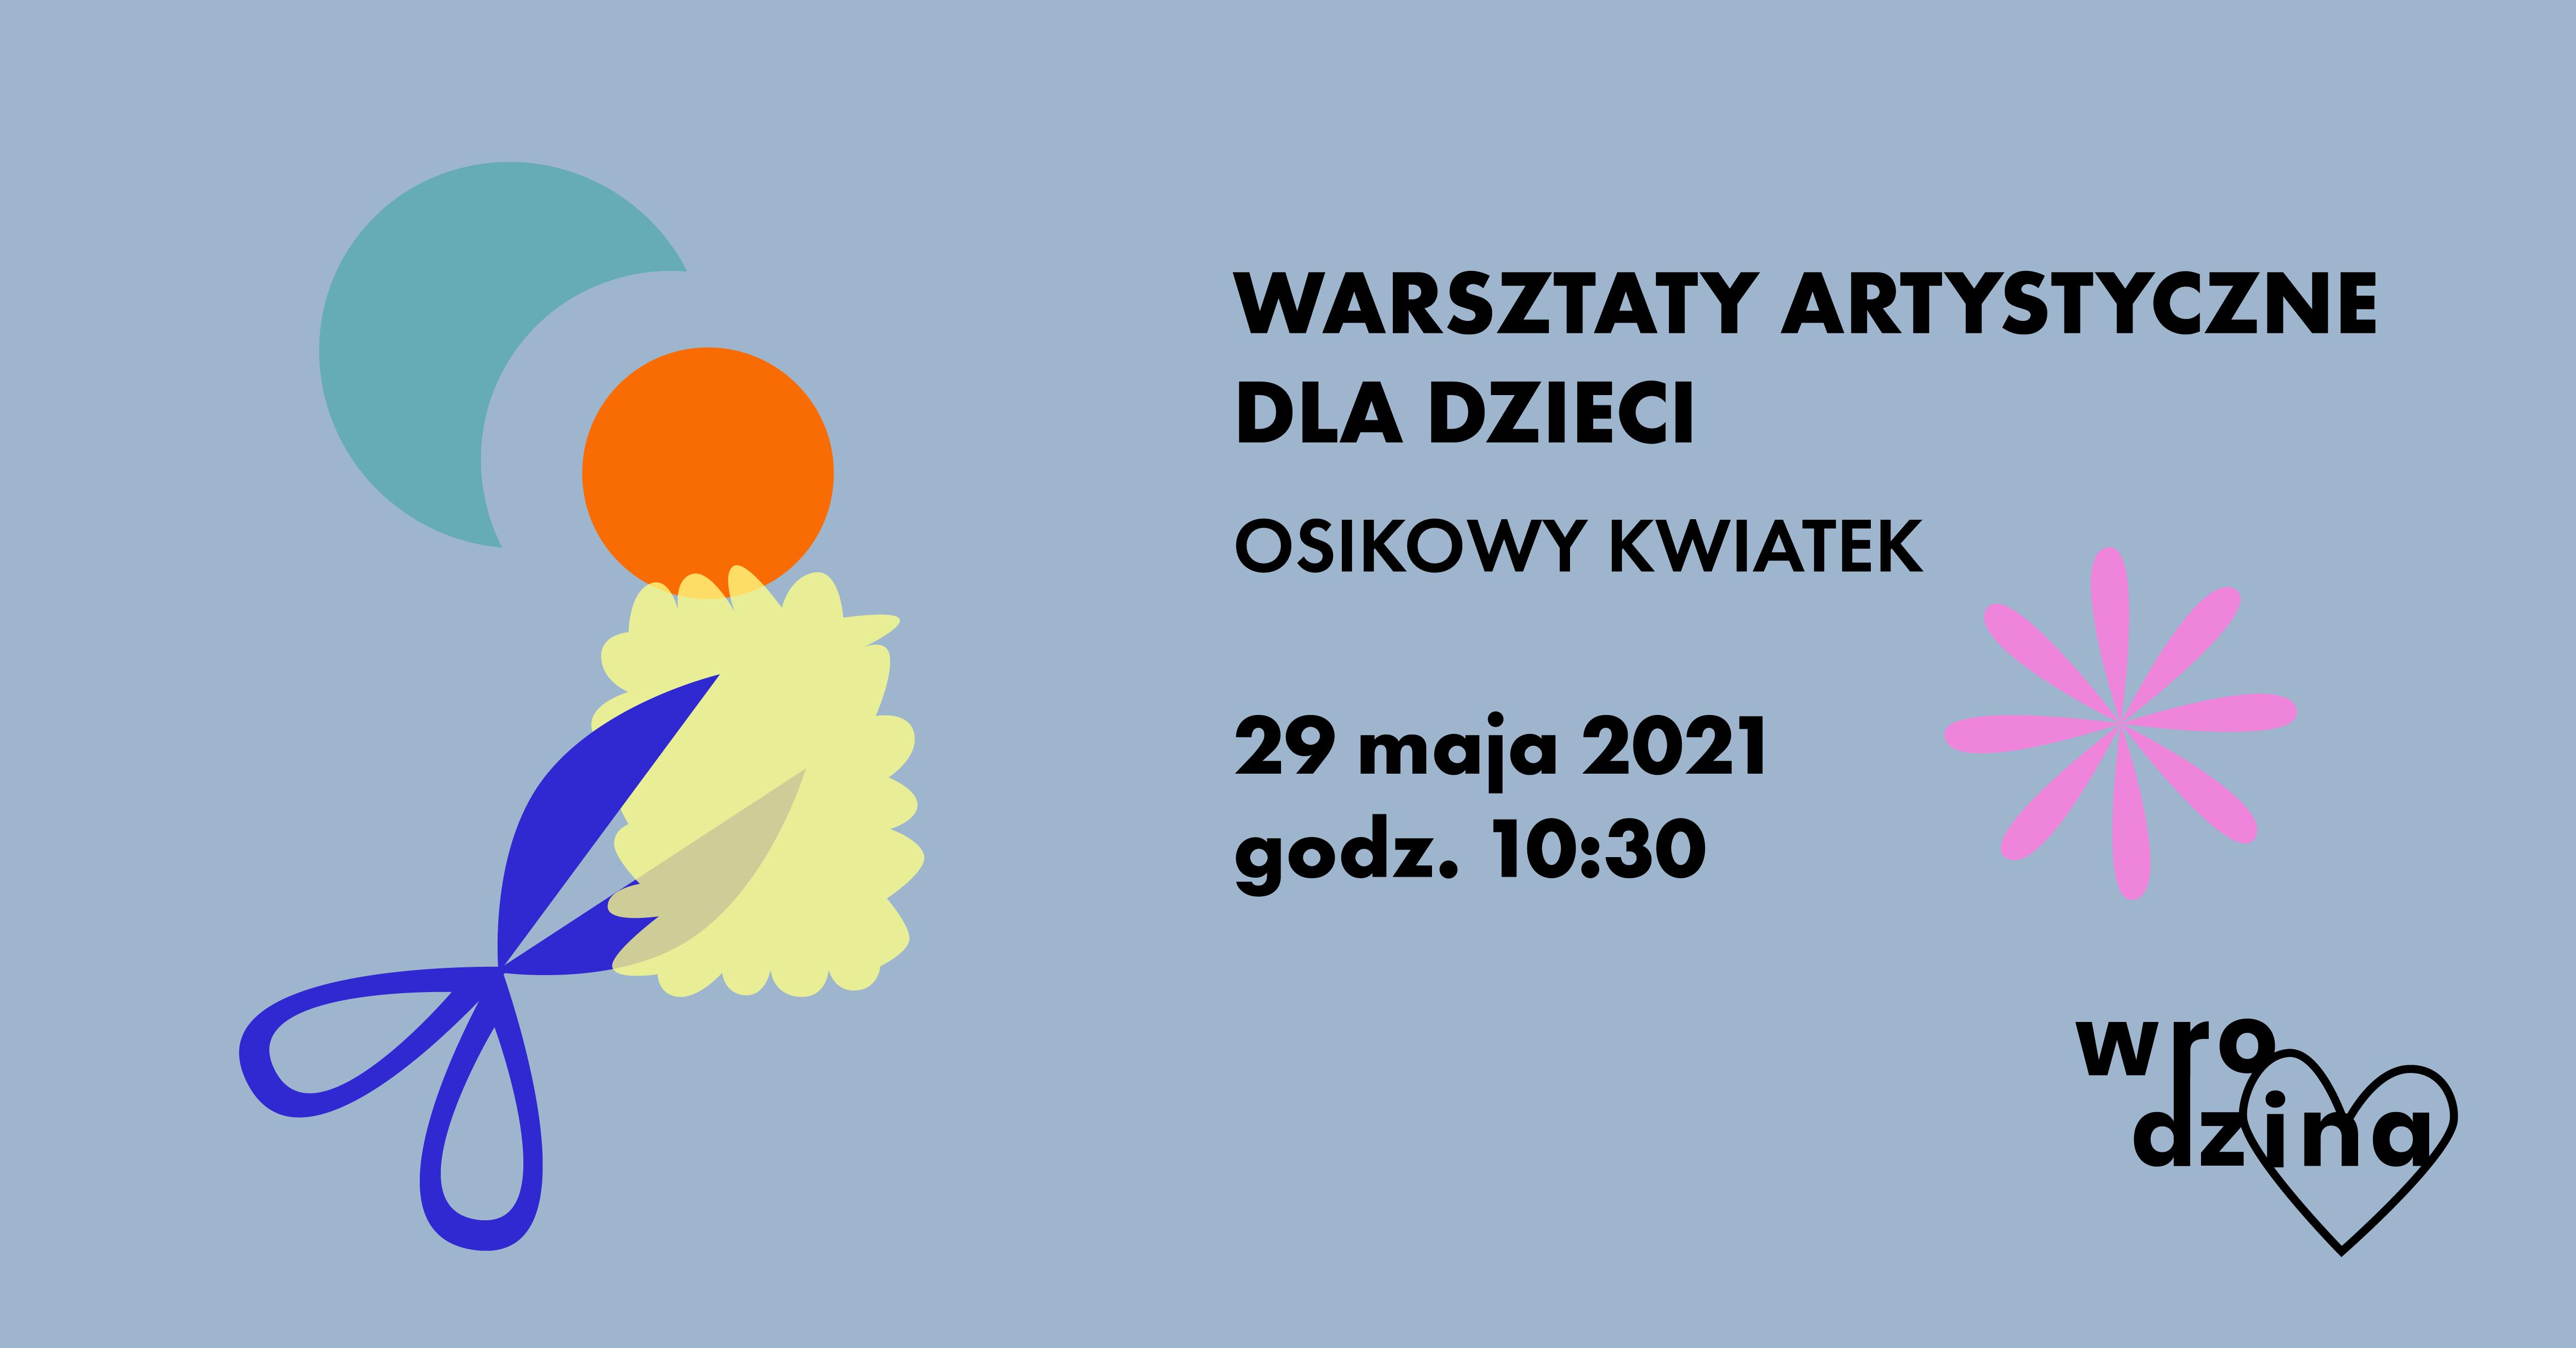 po lewej stronie nożyczki wycinające różne kształty z kolorowych płaszczyzn, po prawej napis Warsztaty artystyczne dla dzieci osikowy kwiatek 29 maja 2021 godz. 10.30 w prawym dolnym rogu logo Wrodzina